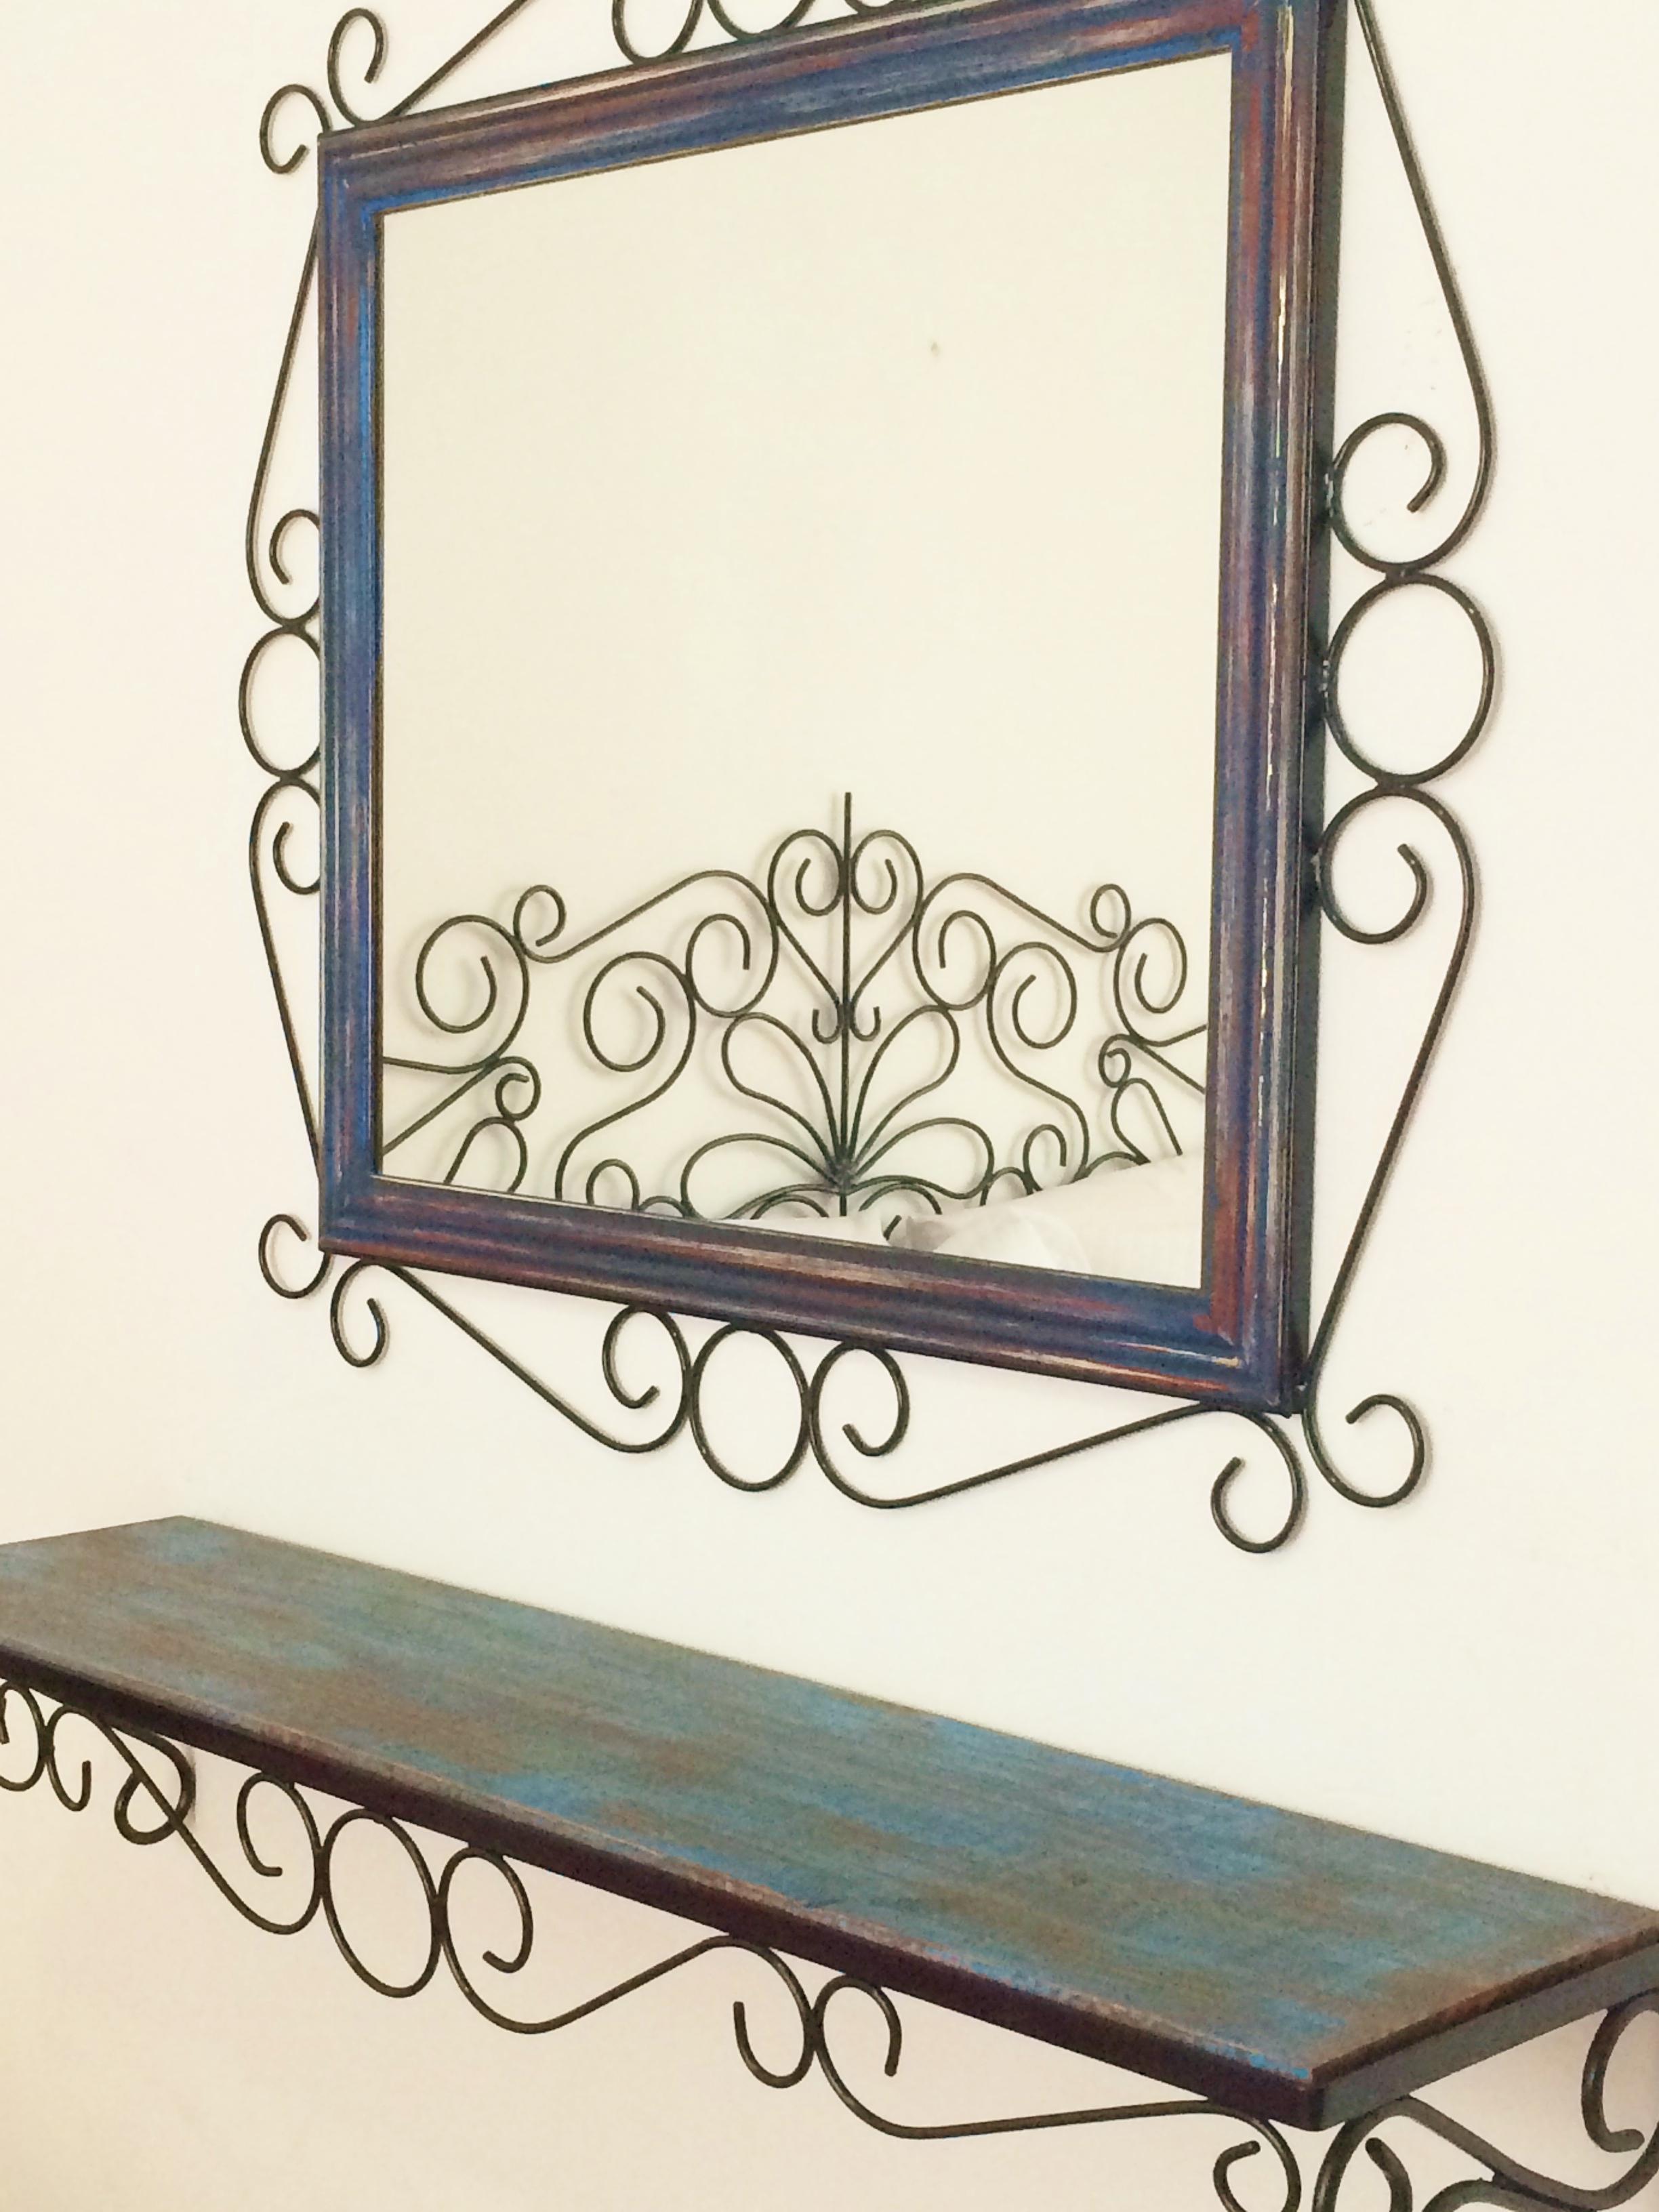 moldura aparador ferro e madeira espelho com moldura de ferro #927E39 2448x3264